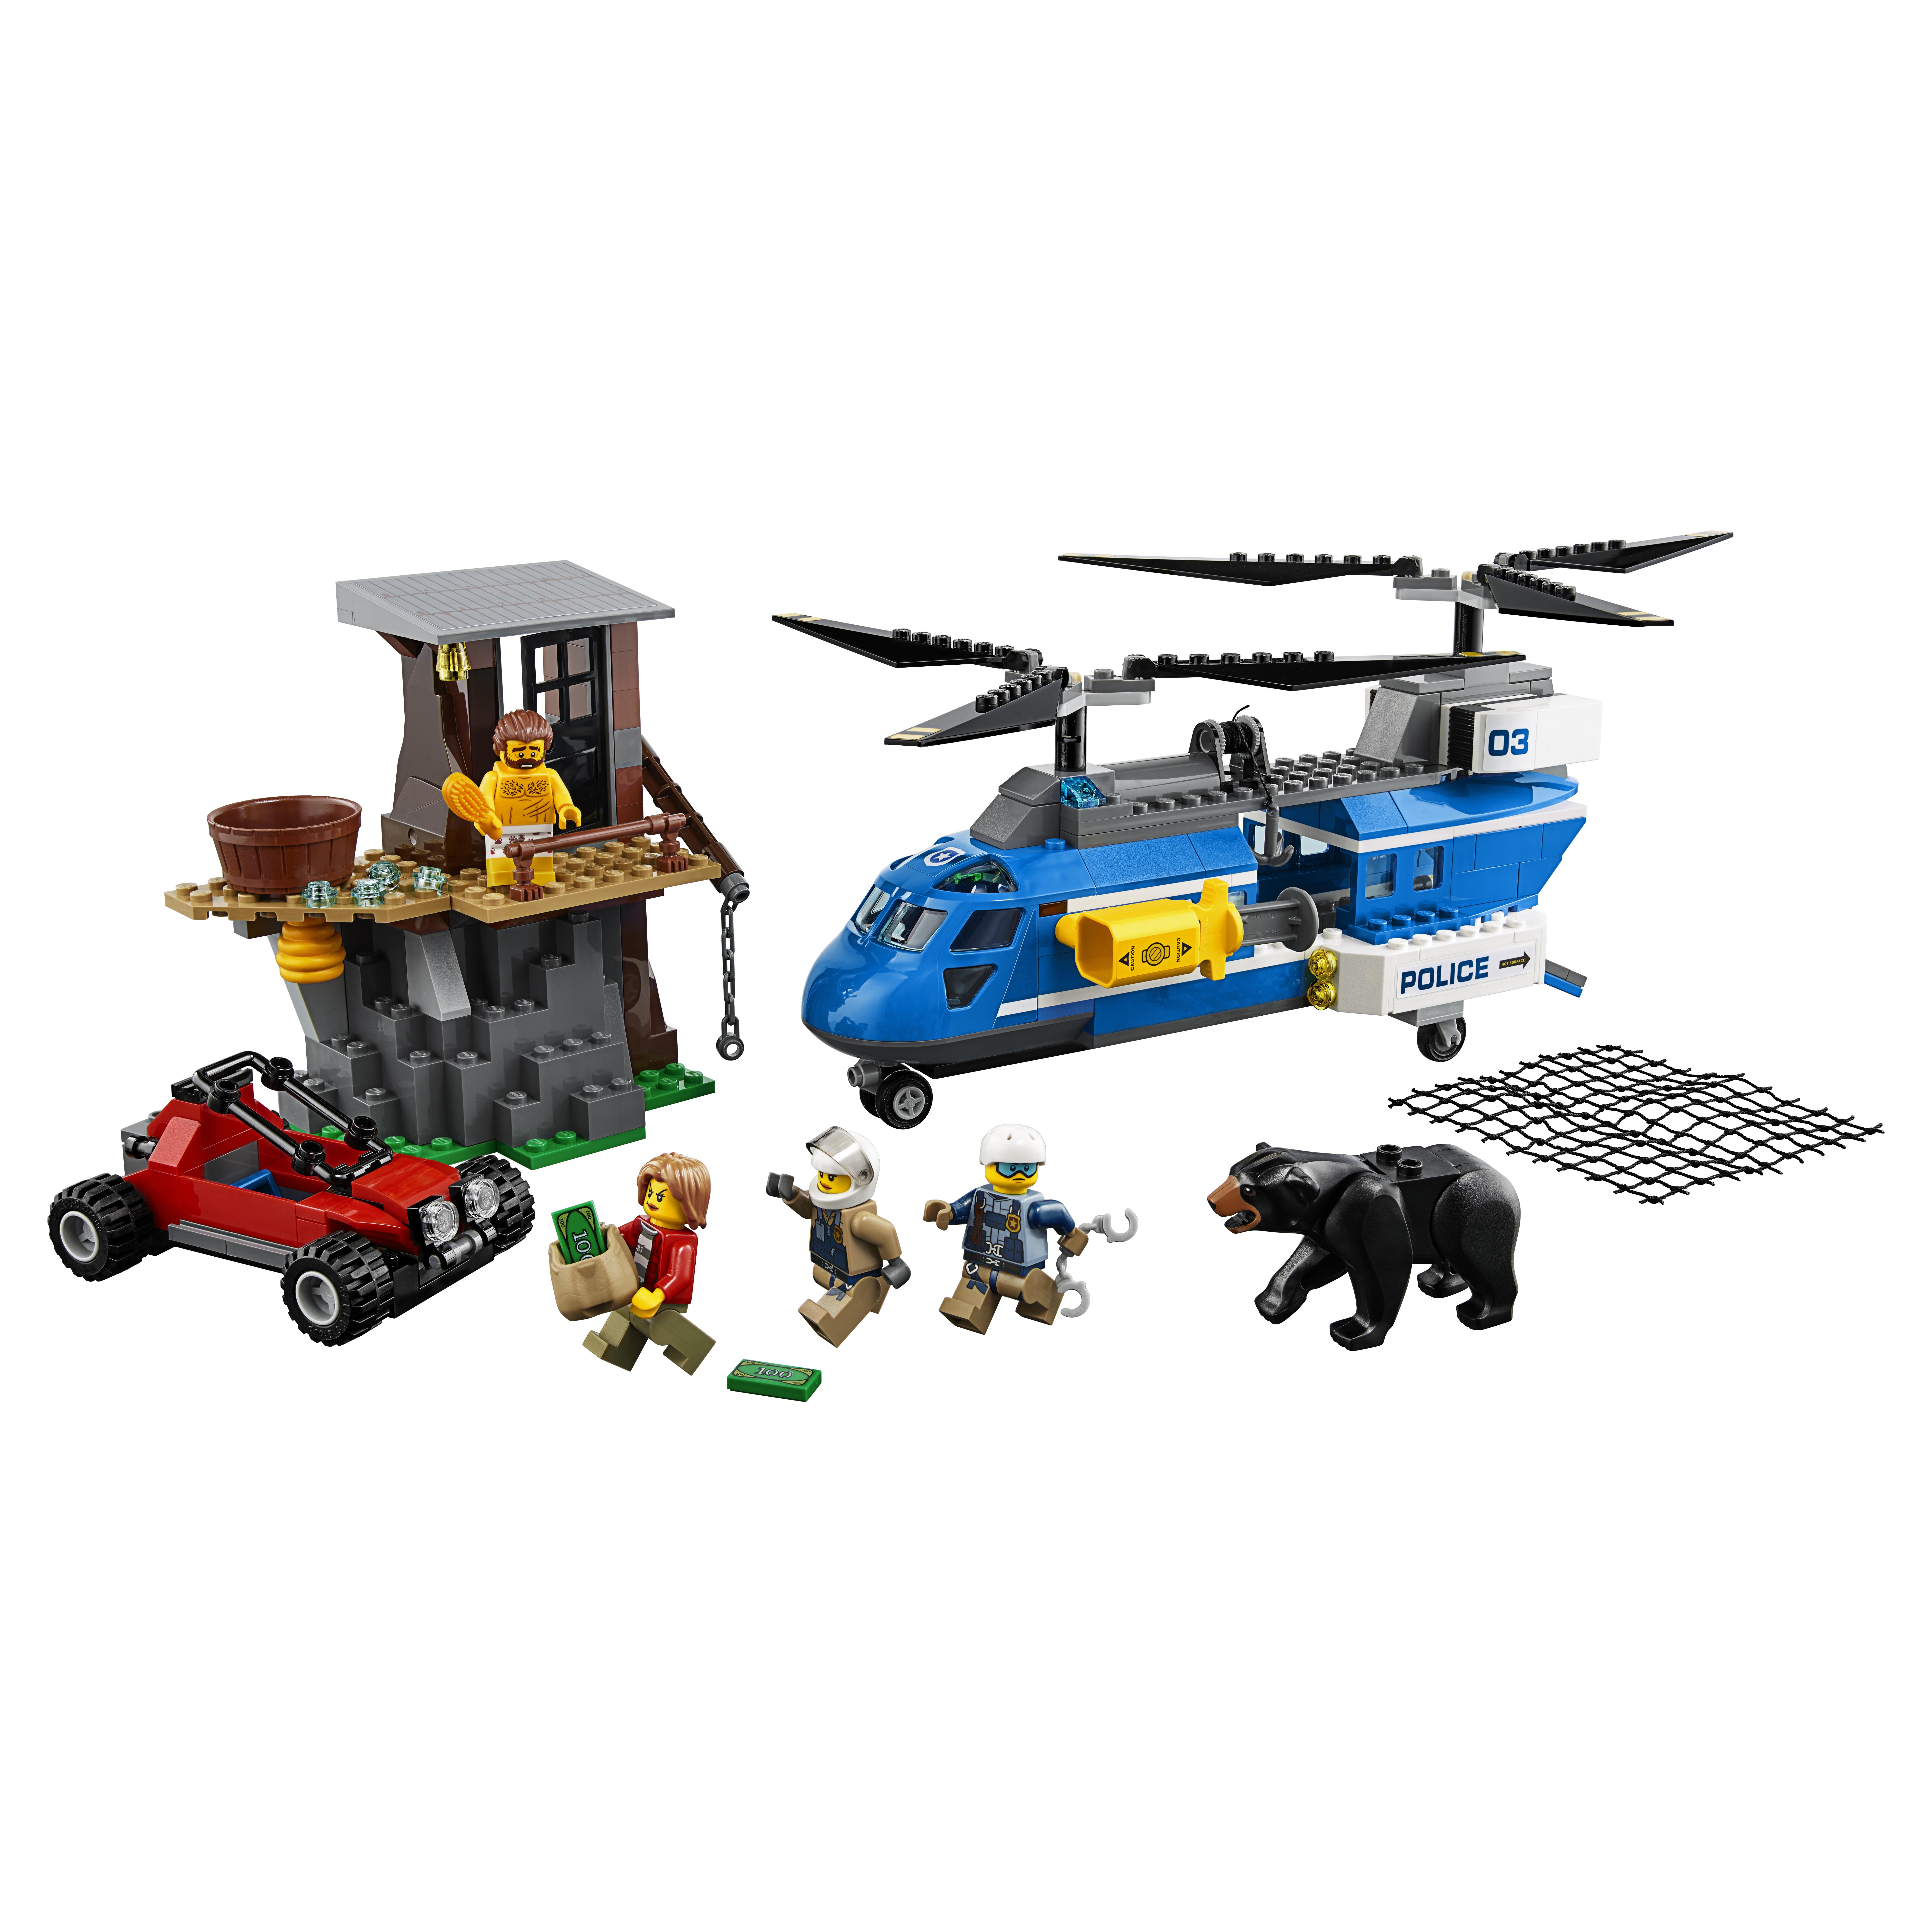 Купить Конструктор lego city police погоня в горах (60173), Конструктор LEGO City Police Погоня в горах (60173)